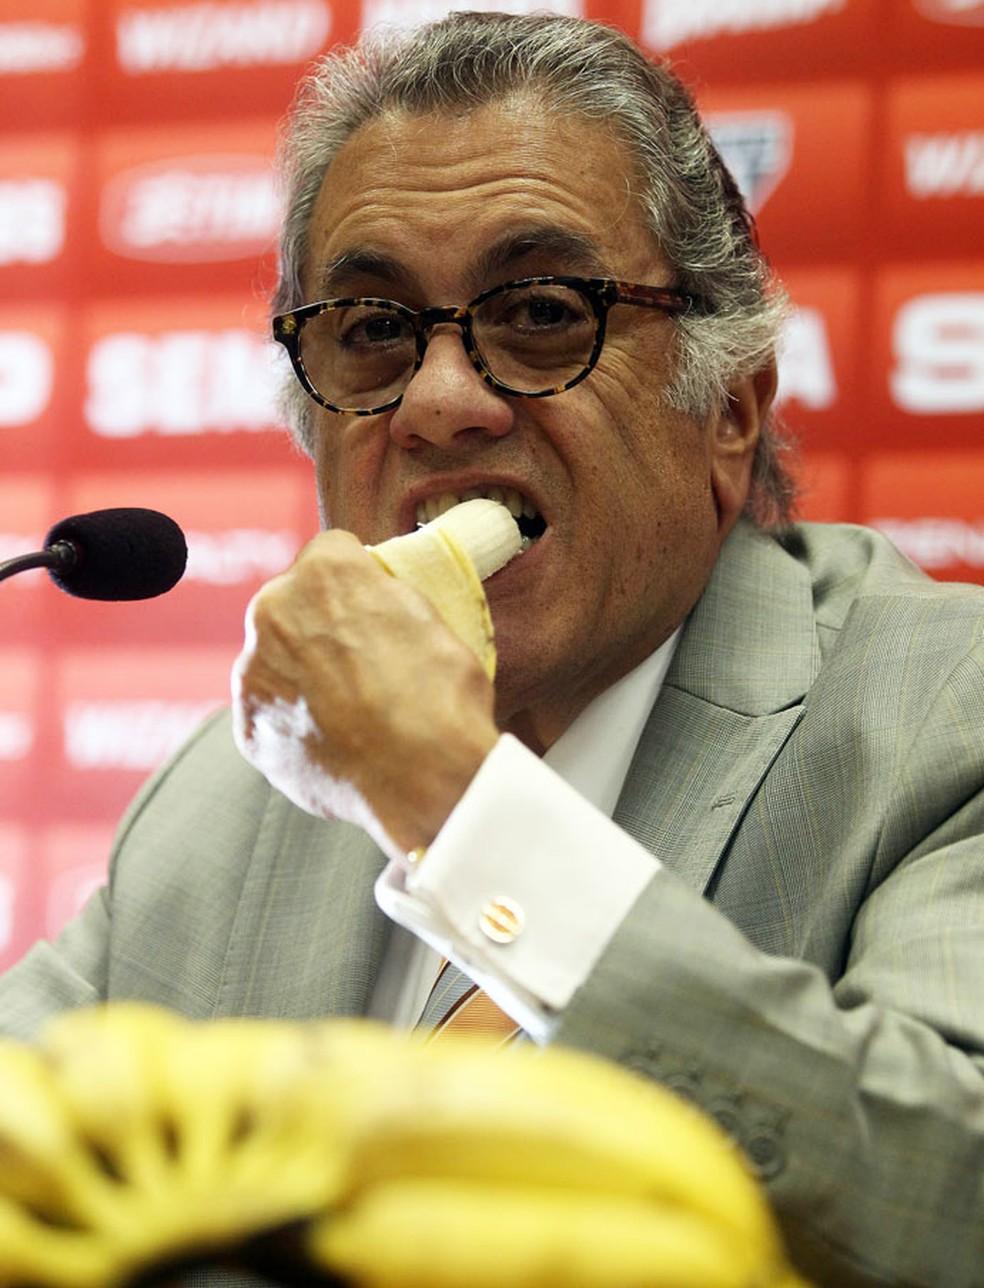 """Carlos Miguel Aidar come banana durante coletiva do São Paulo em 2014, na qual acusou o Palmeiras de estar """"se apequenando"""" — Foto: Felipe Rau/Agência Estado"""